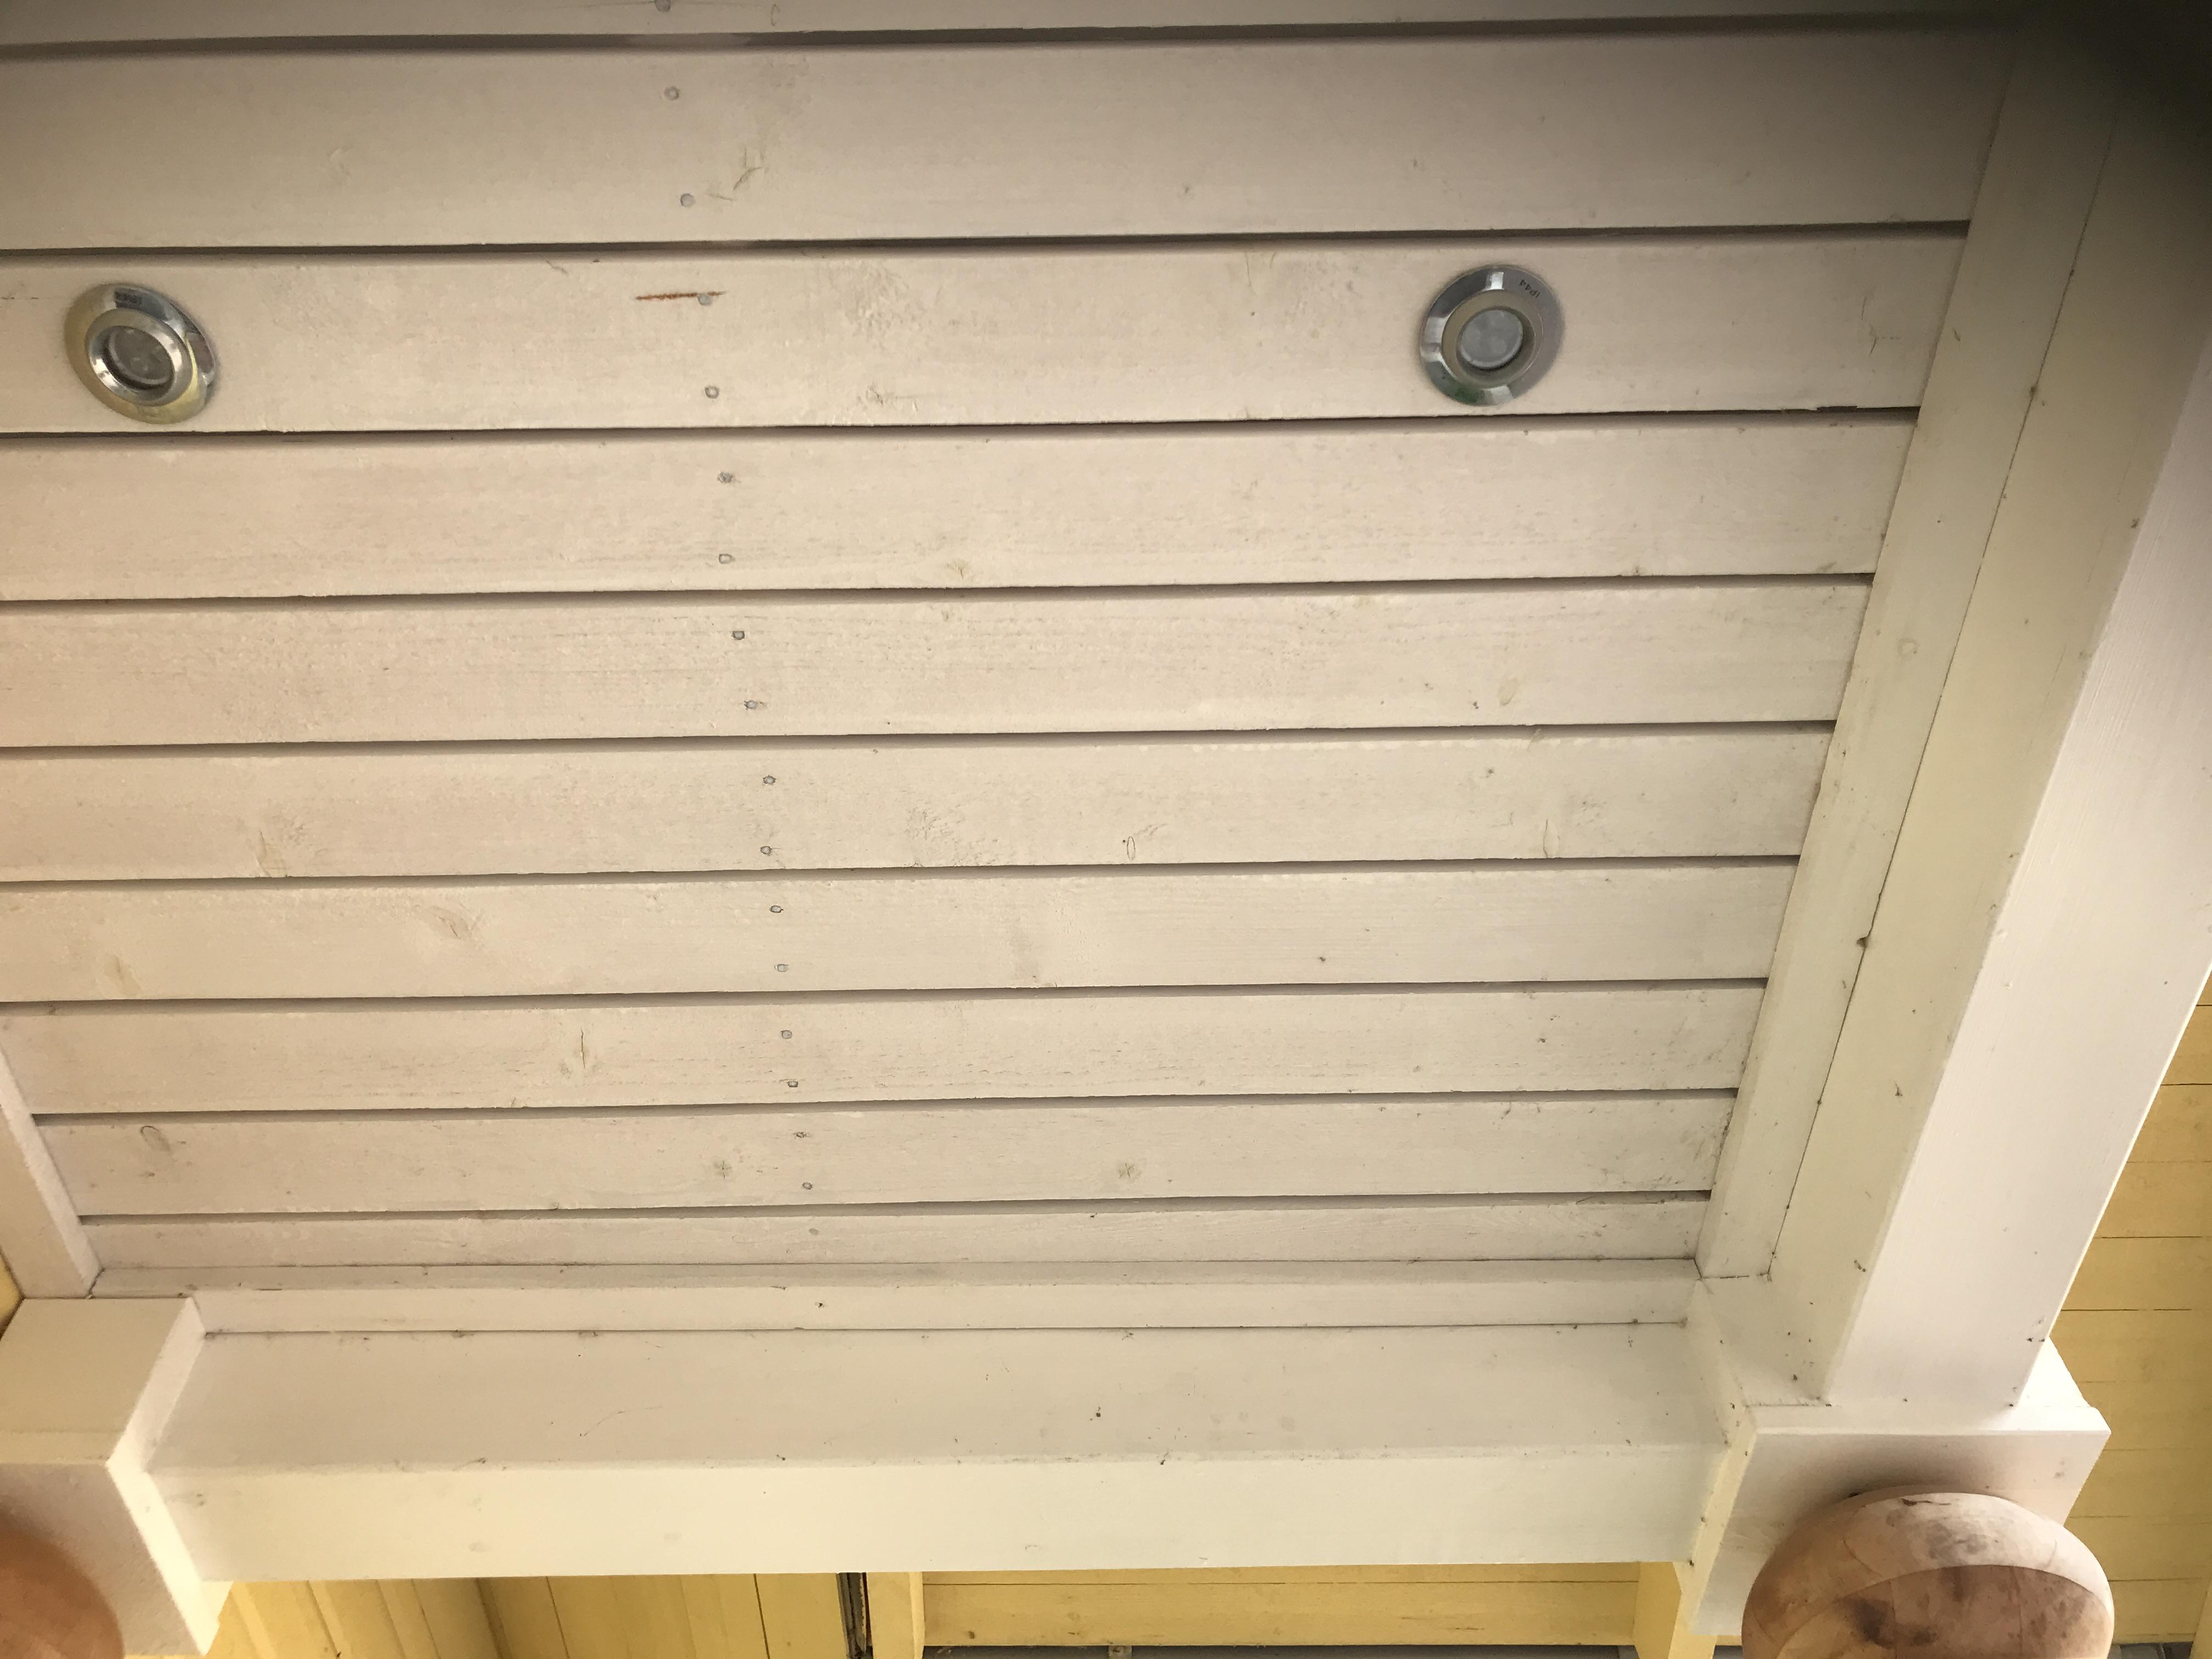 verandatak målat med vit slamfärg